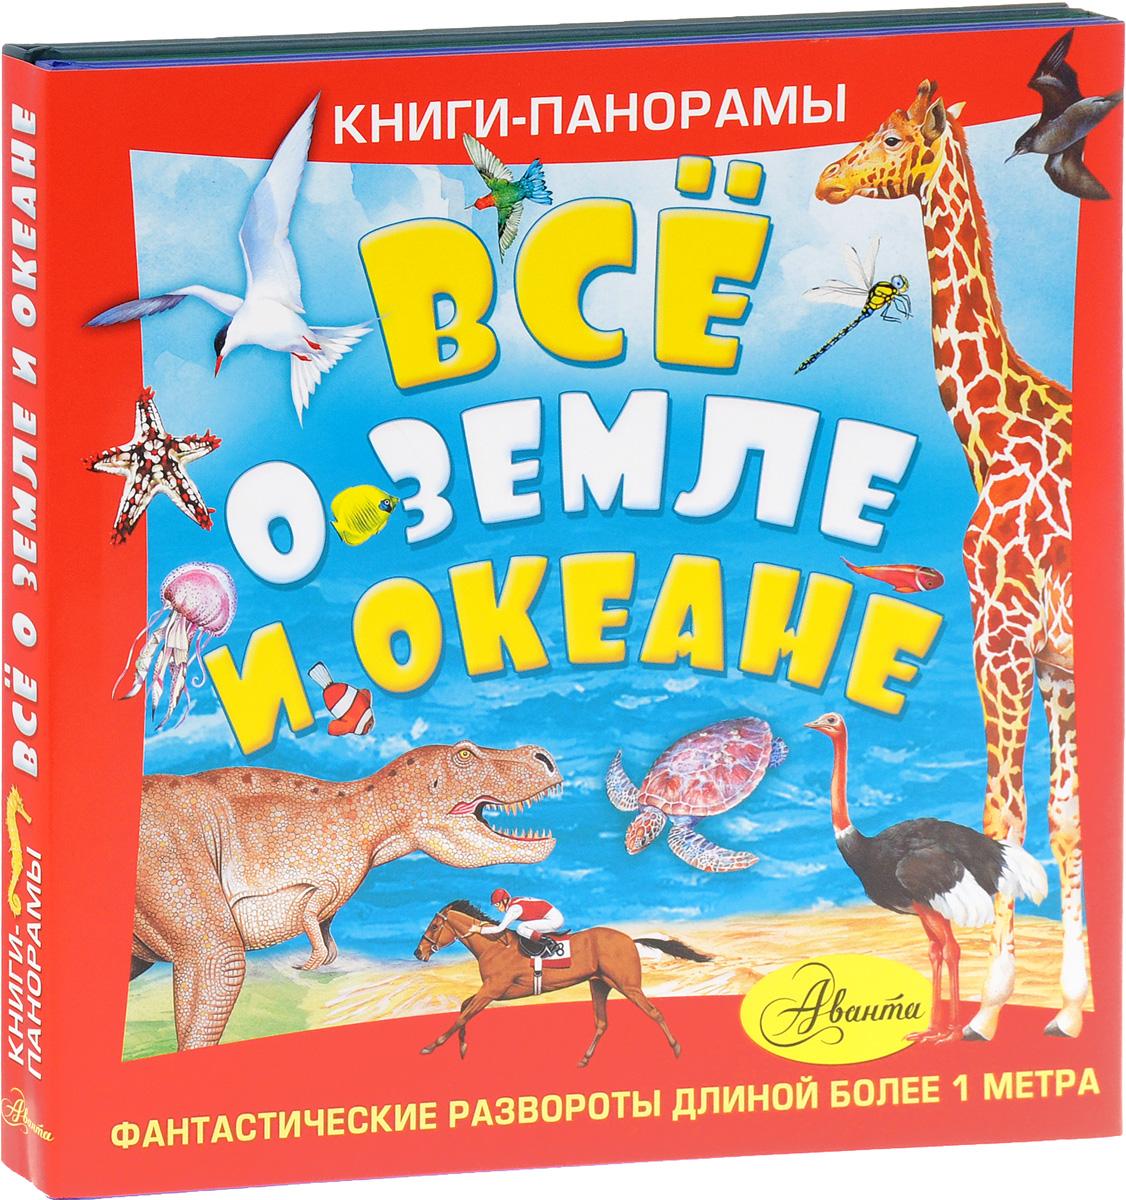 Все о Земле и океане. Книги-панорамы (комплект из 3 книг)